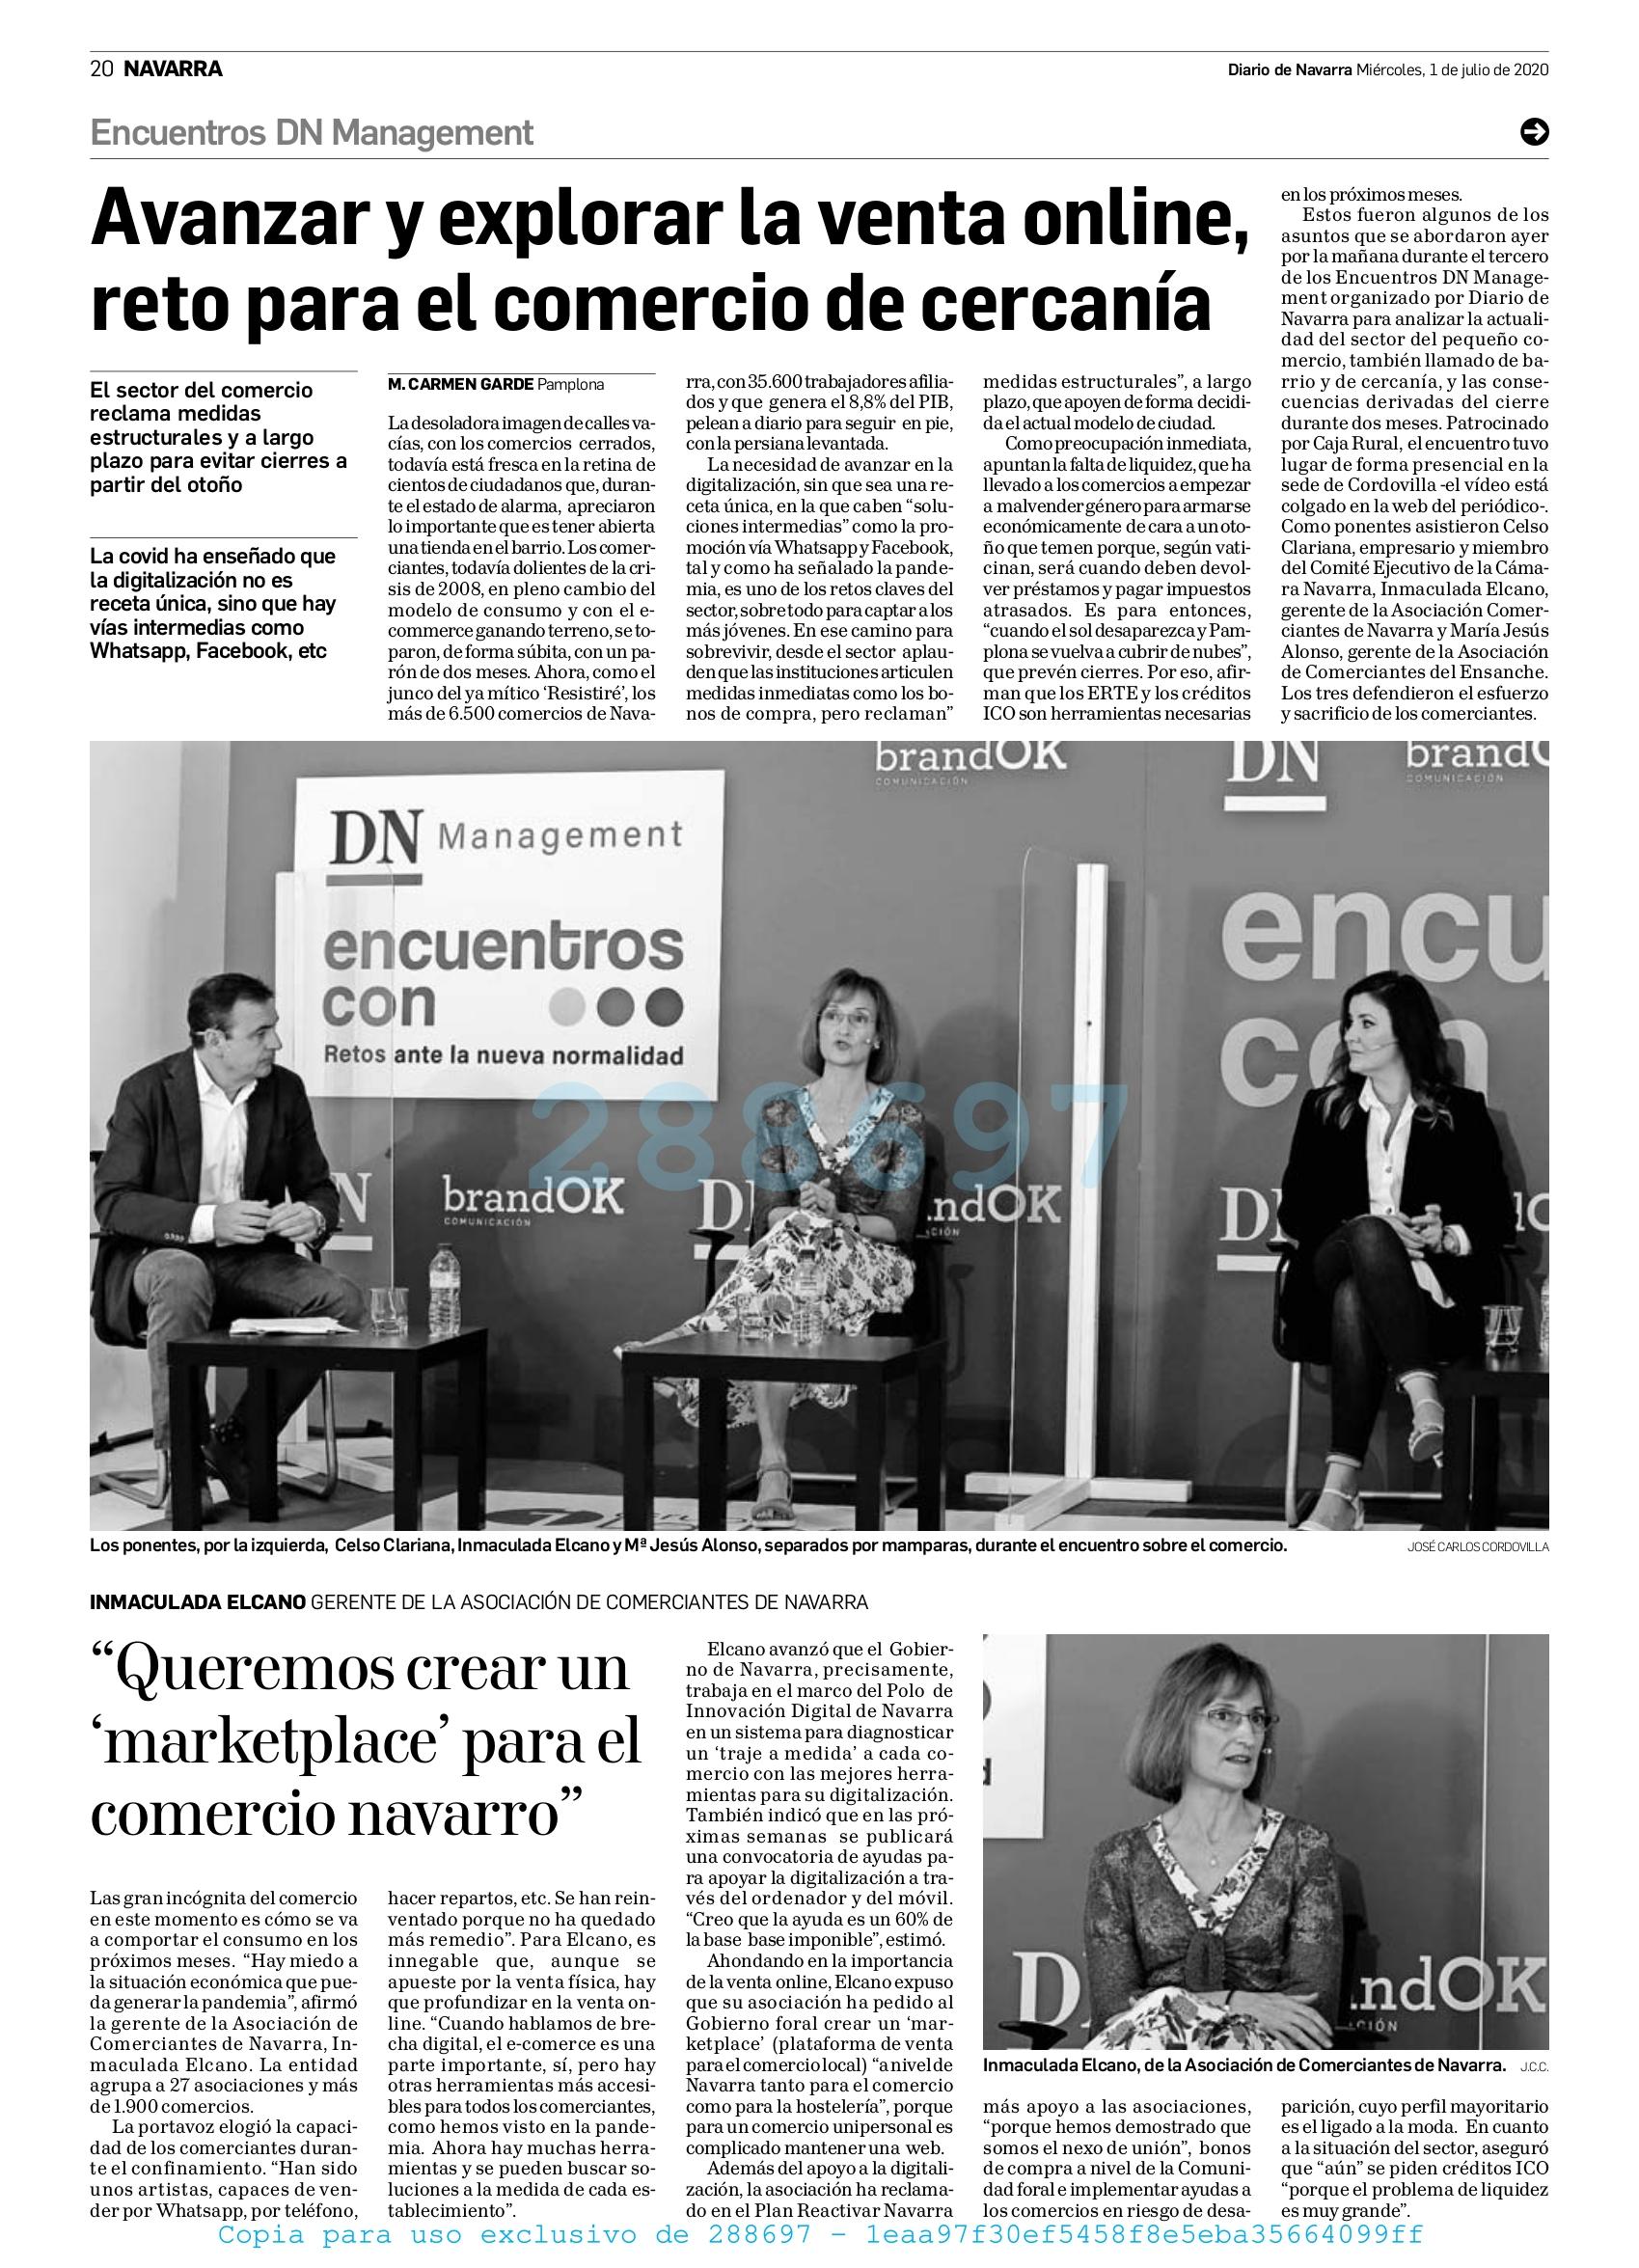 Diario-Diario de Navarra-01_07_2020-20_page-0001 (1)_1